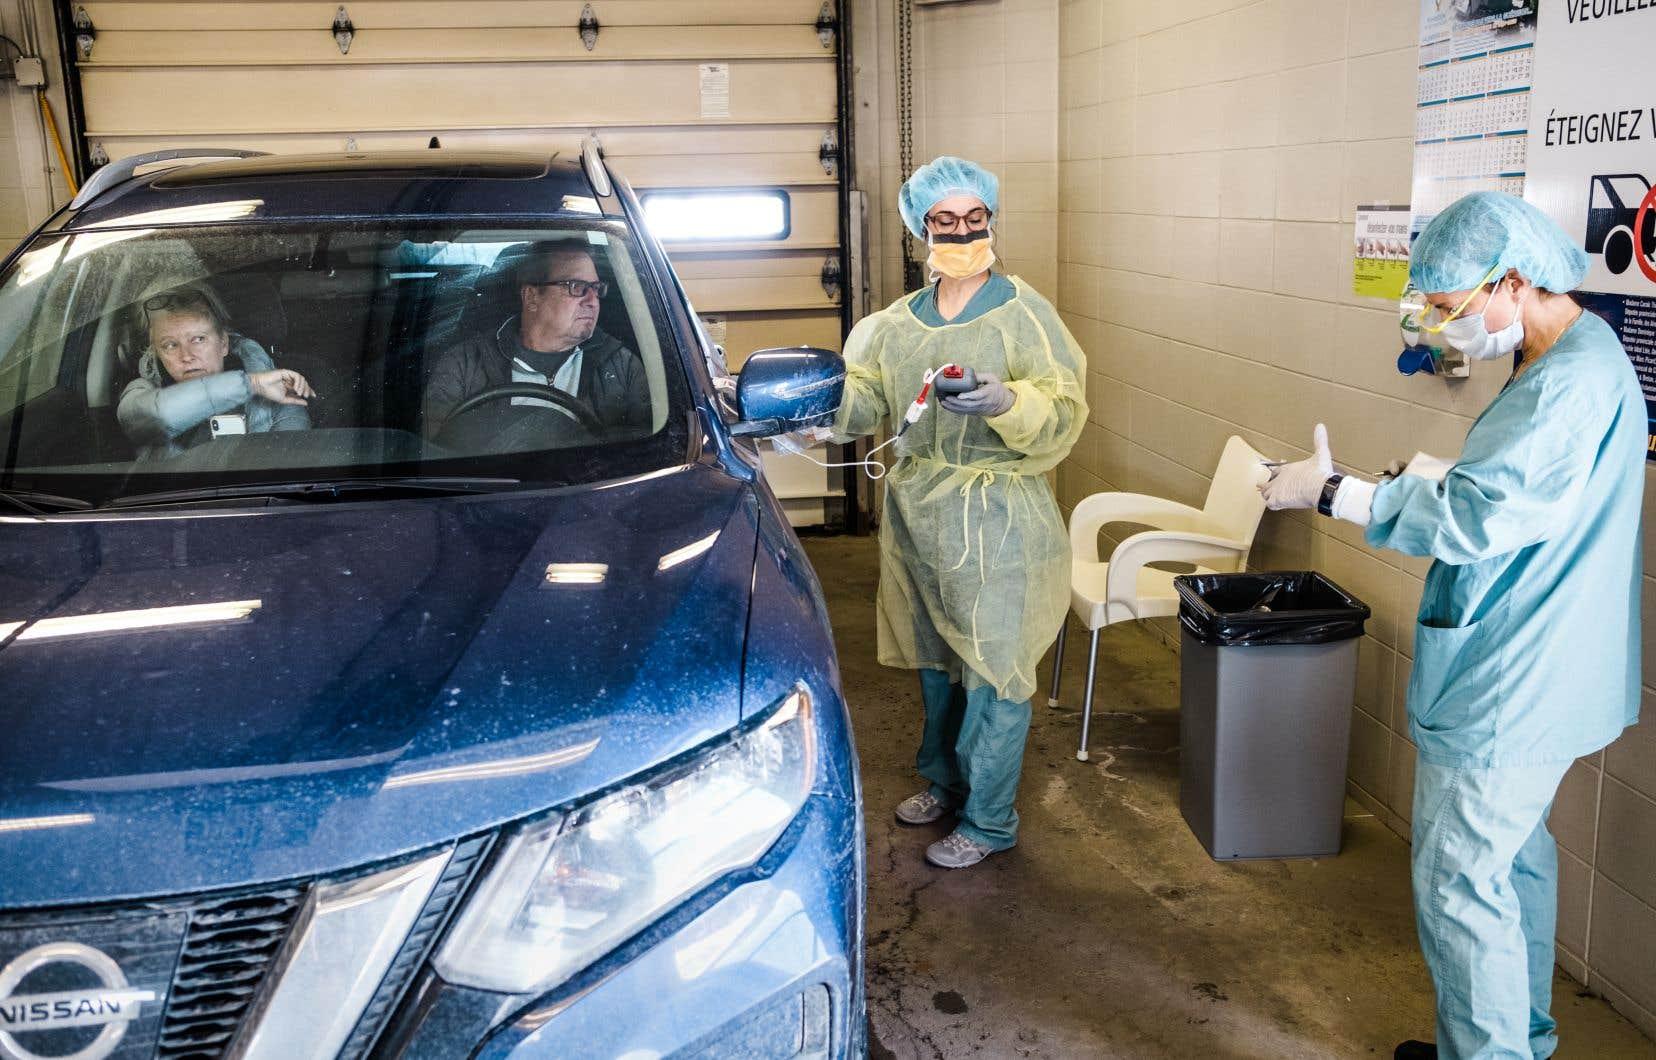 Des infirmières prennentun échantillon dans la bouche d'homme et son épouse qui reviennent d'un séjour au Costa Rica.